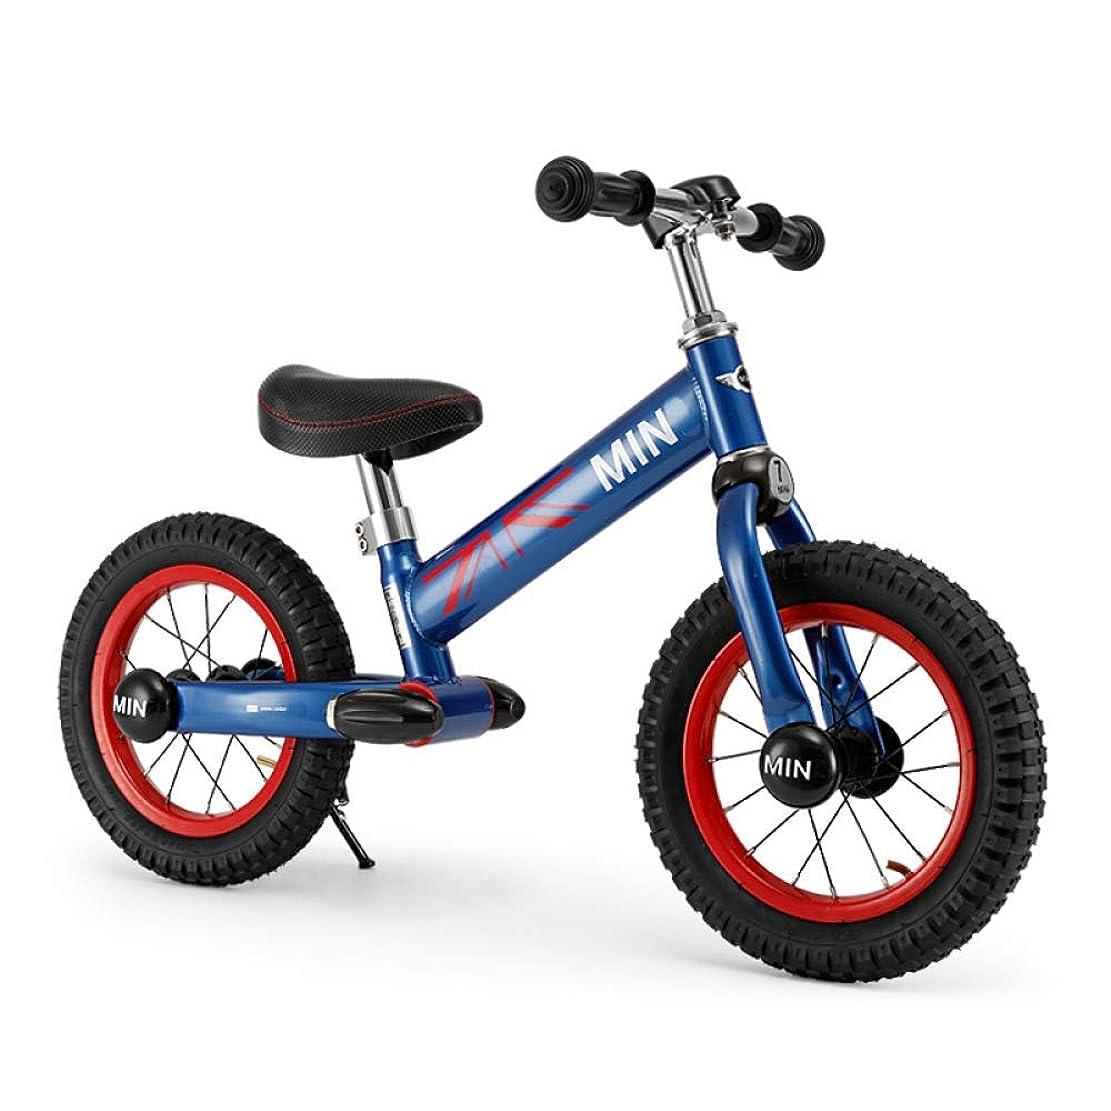 湿地汗願うZLMI 子供用 バランスカー ペダルなし 自転車 ベビーウォーカー 2~6歳用